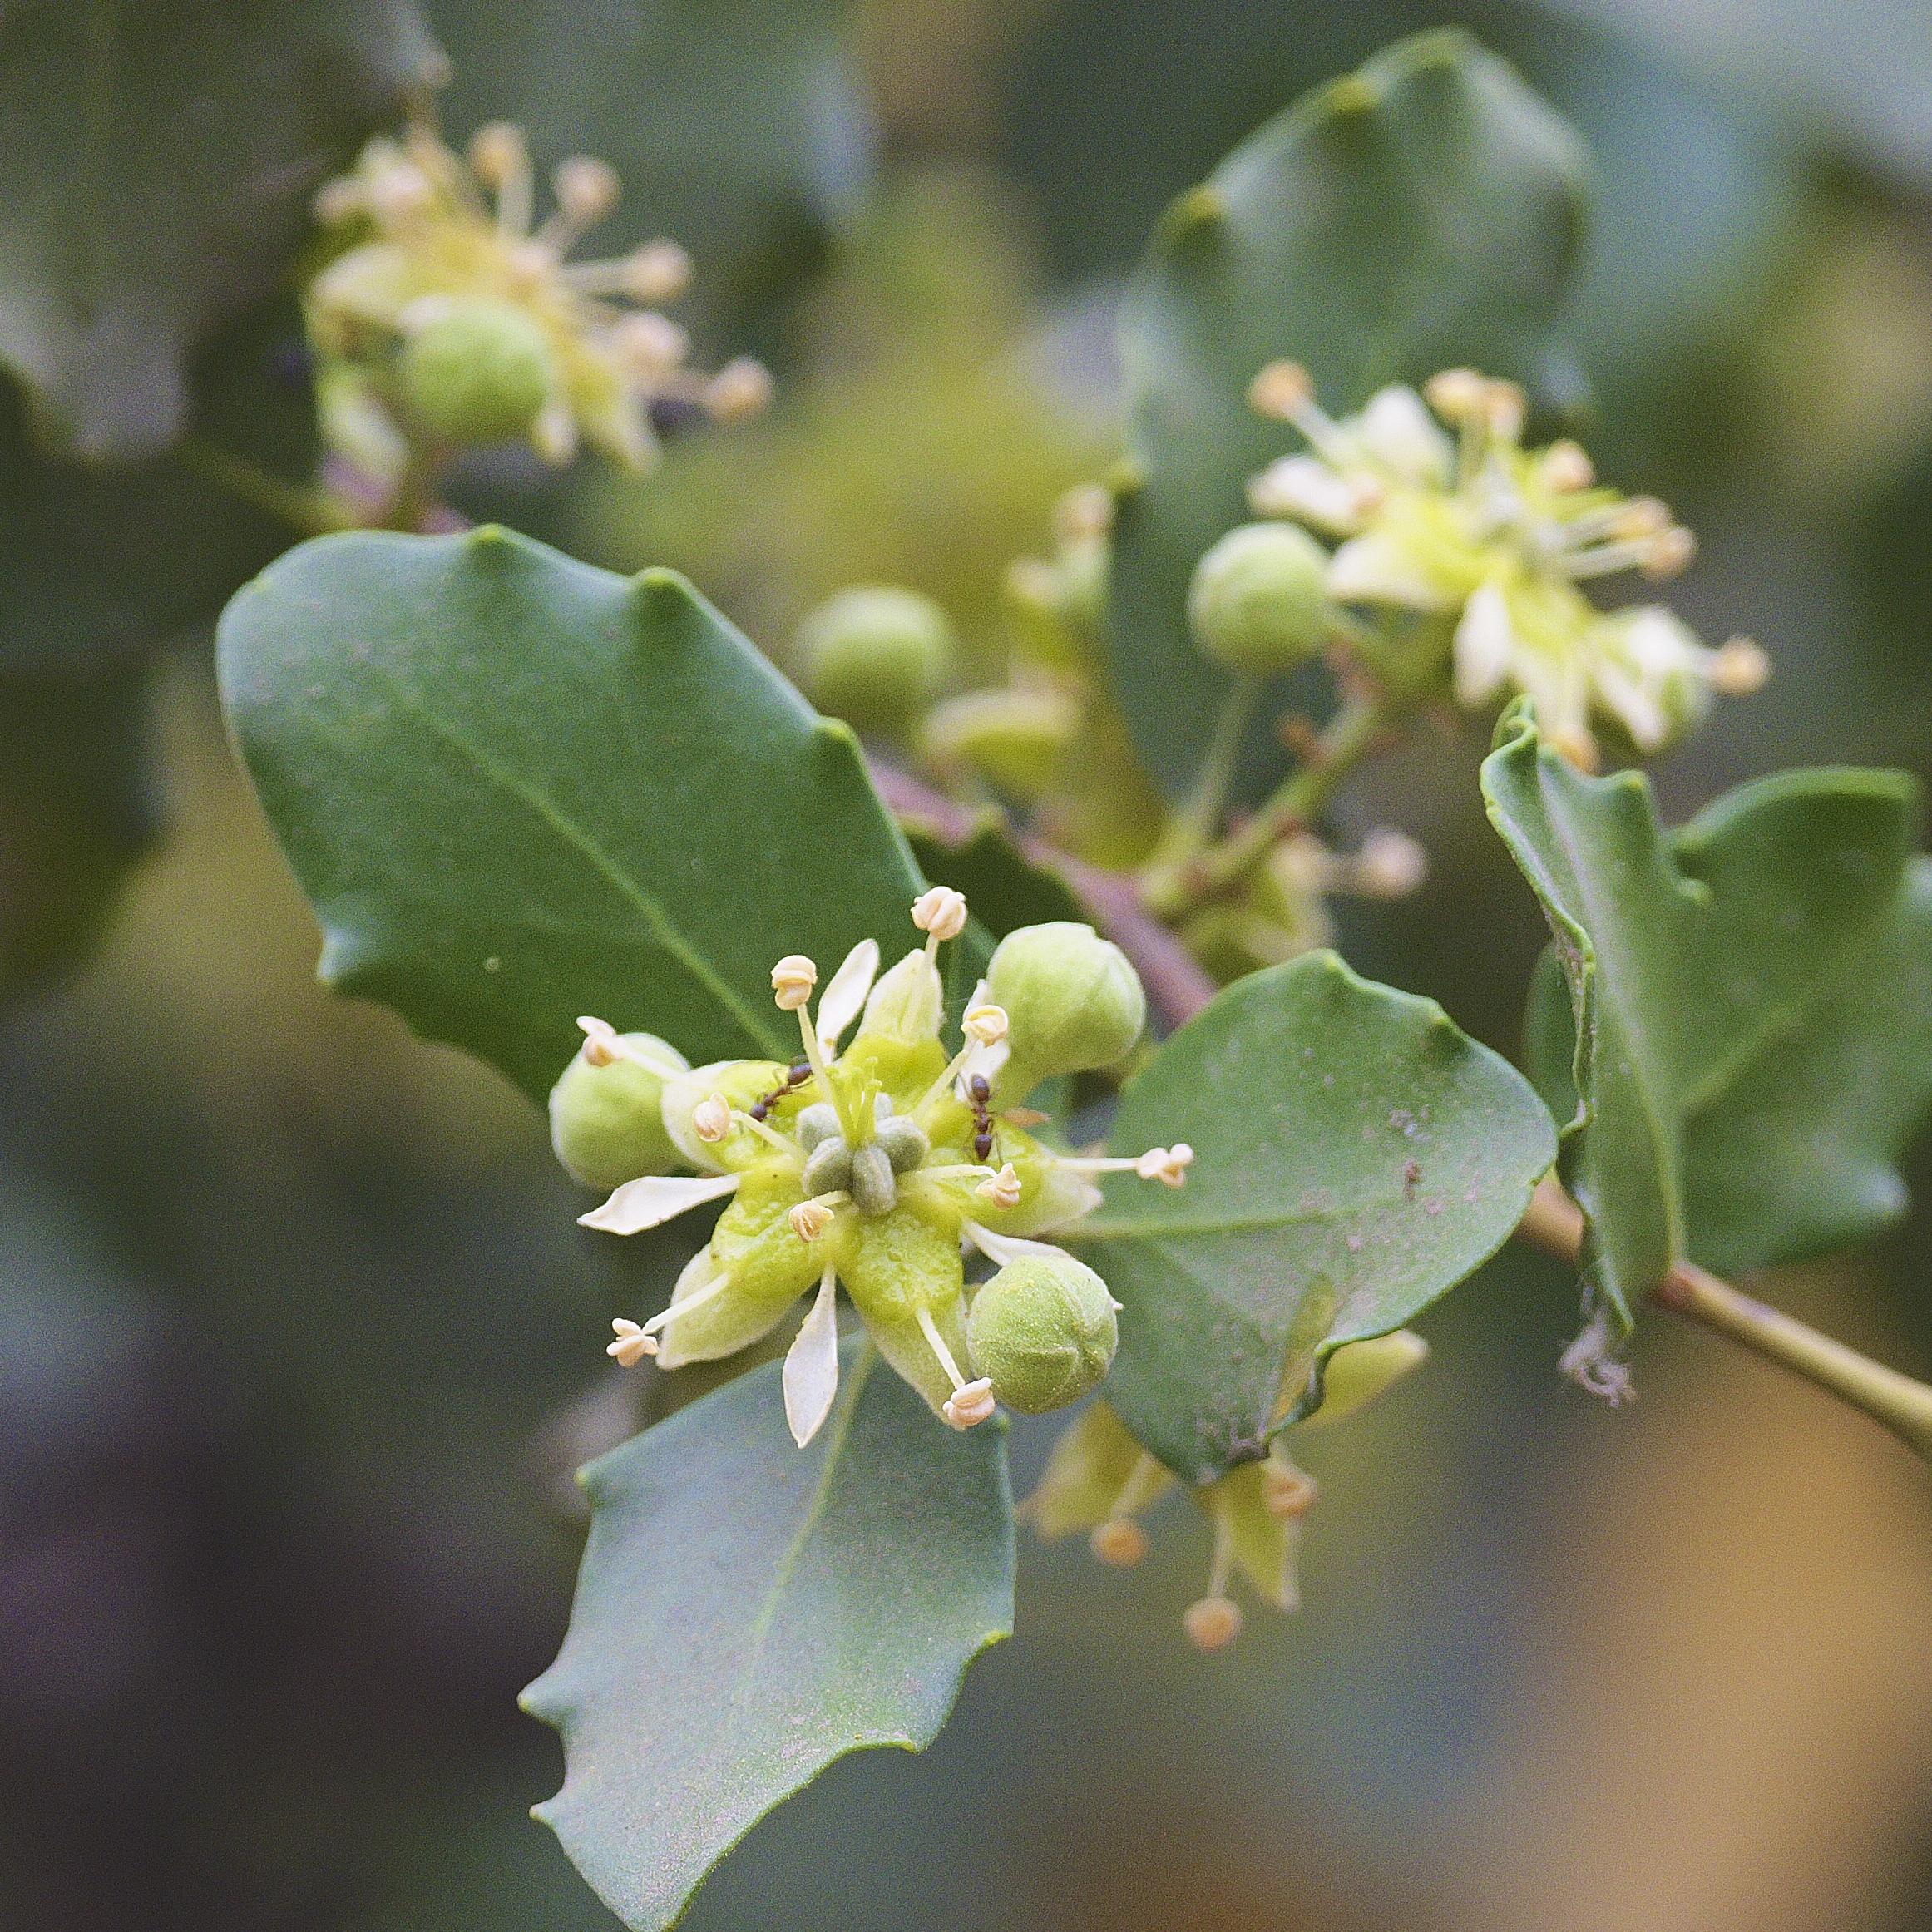 Flor y hojas del quillay chileno